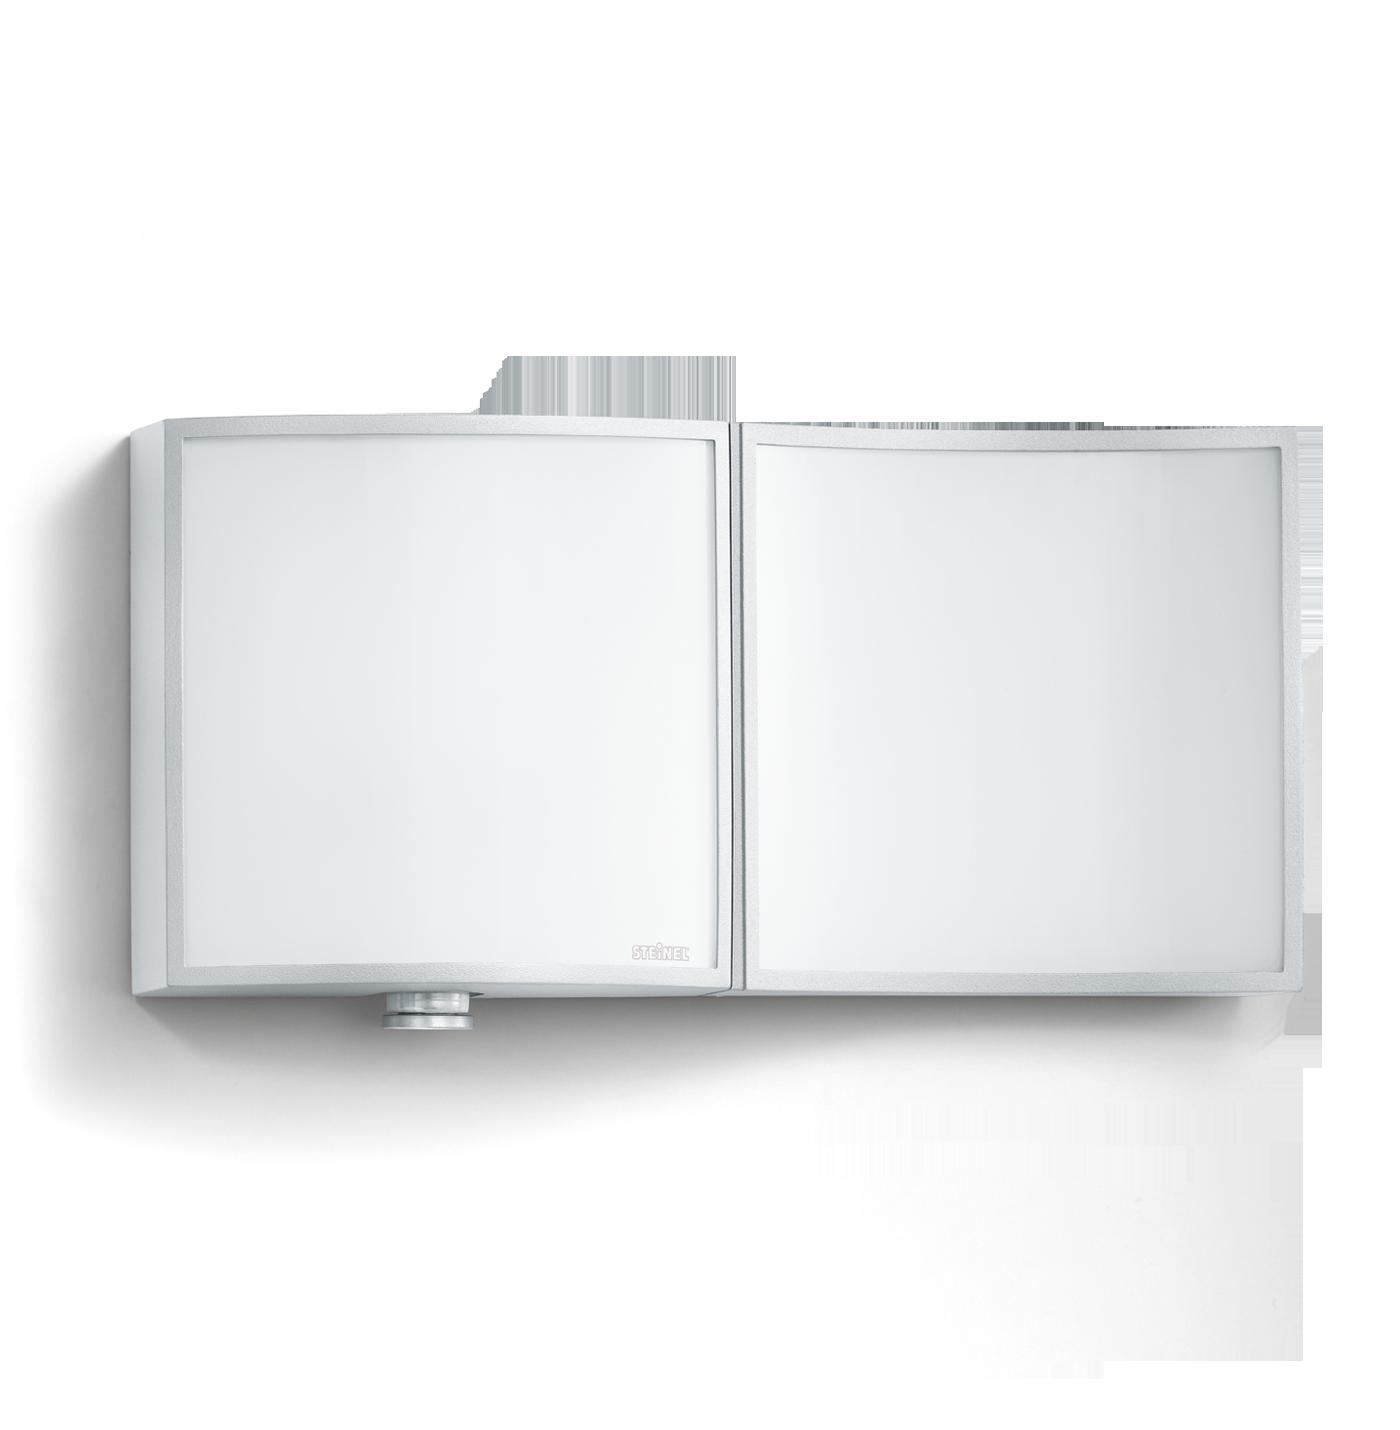 steinel sensor au enleuchte l 675 led alu silber 003852 fh. Black Bedroom Furniture Sets. Home Design Ideas